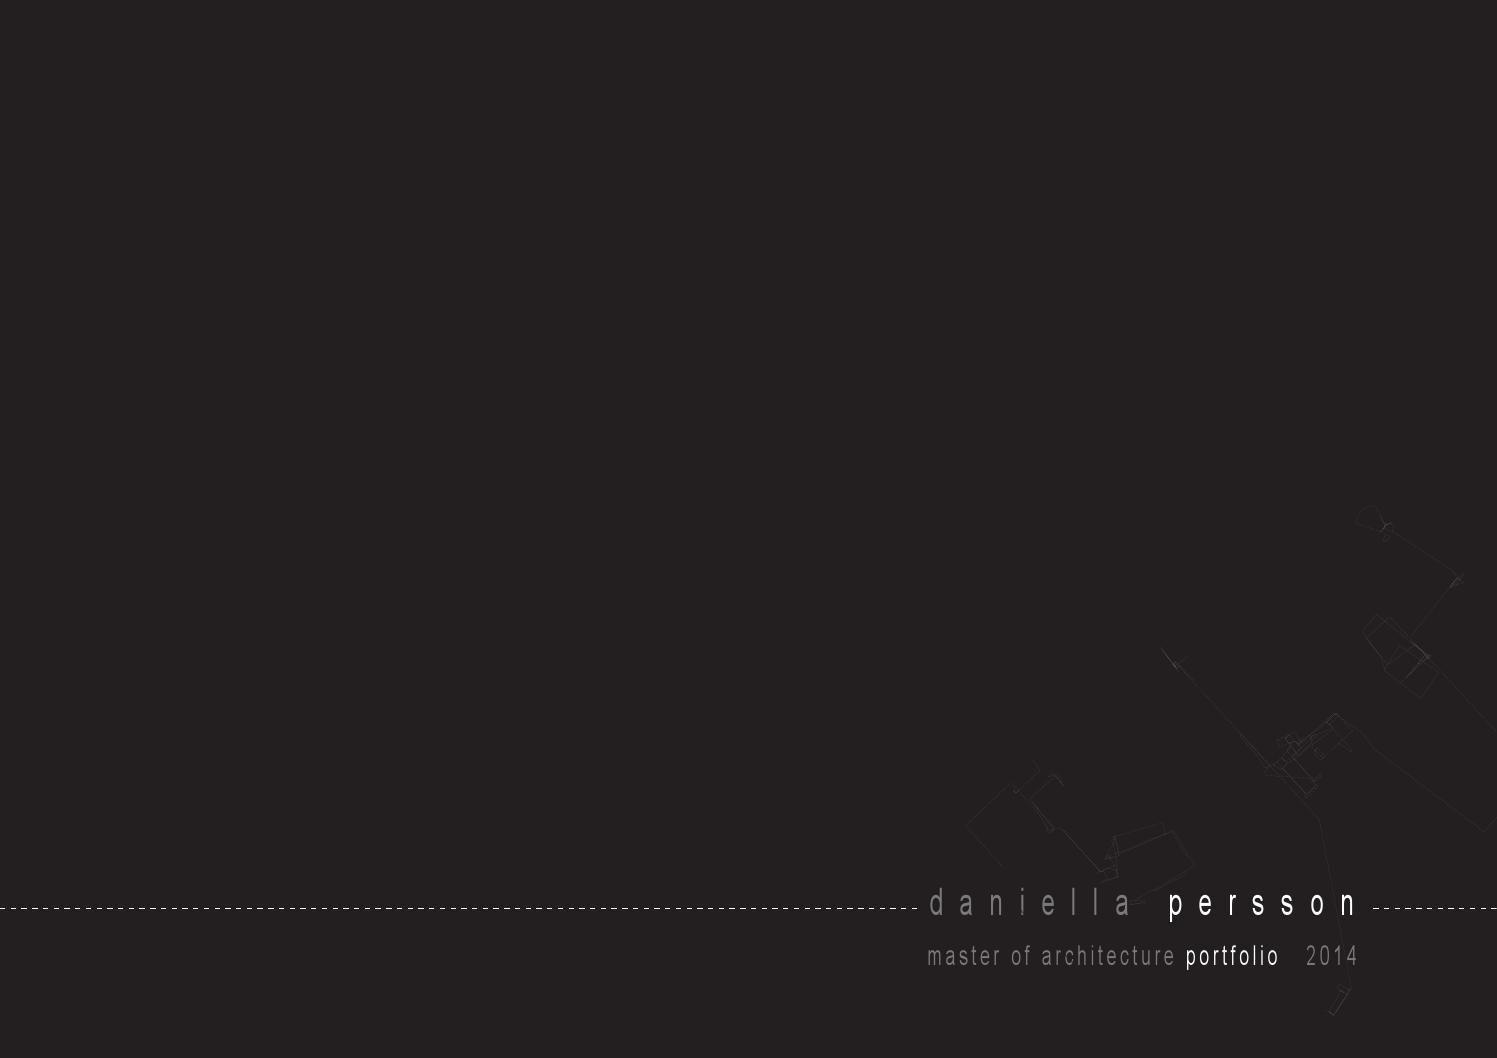 Architecture Portfolio by Daniella Persson   装帧设计